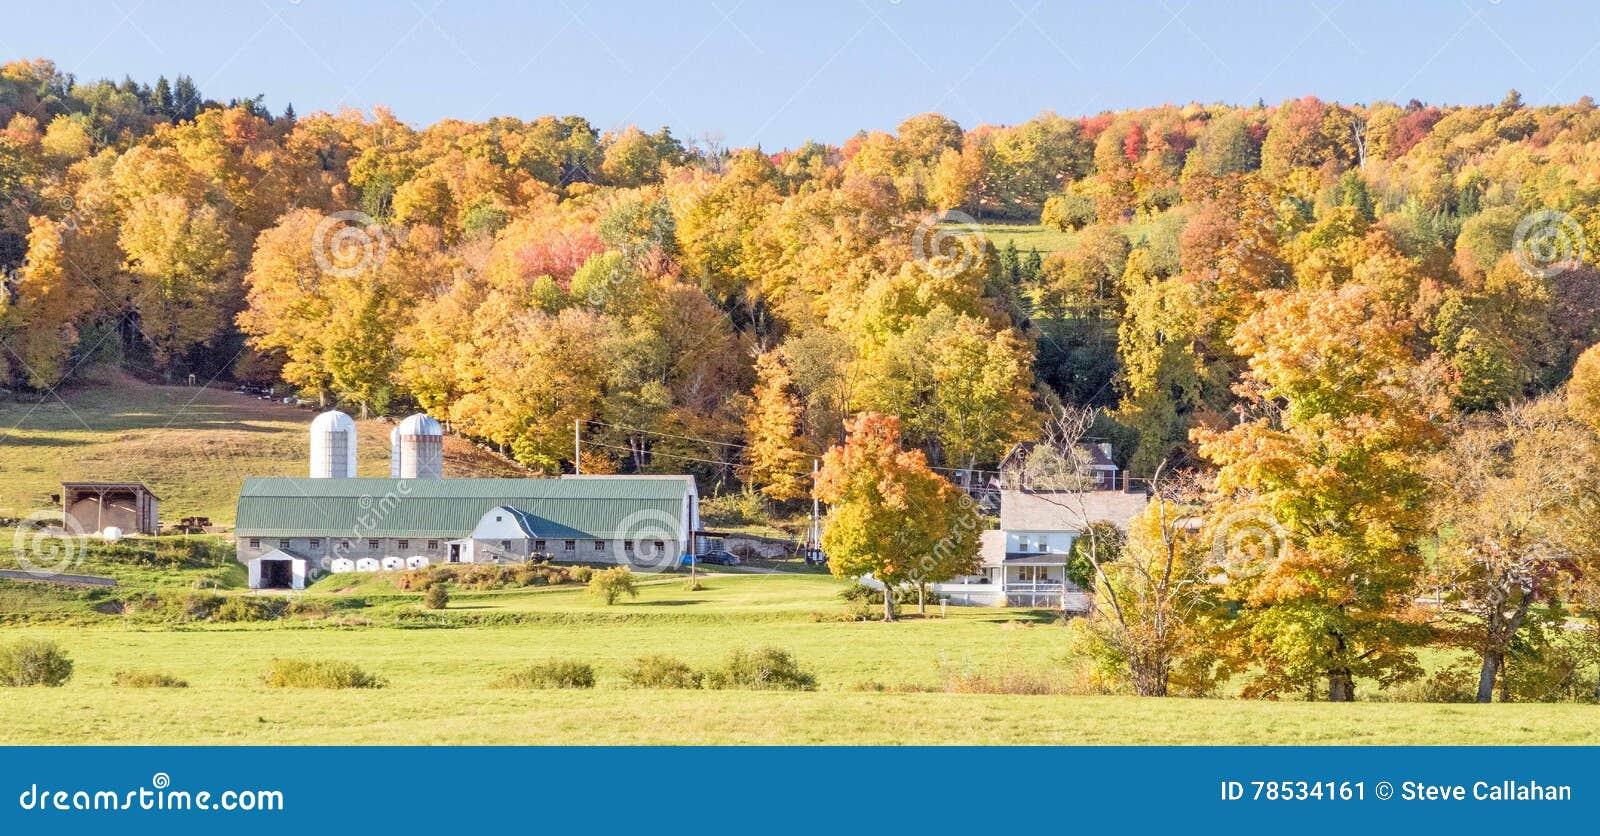 Wheeler farm